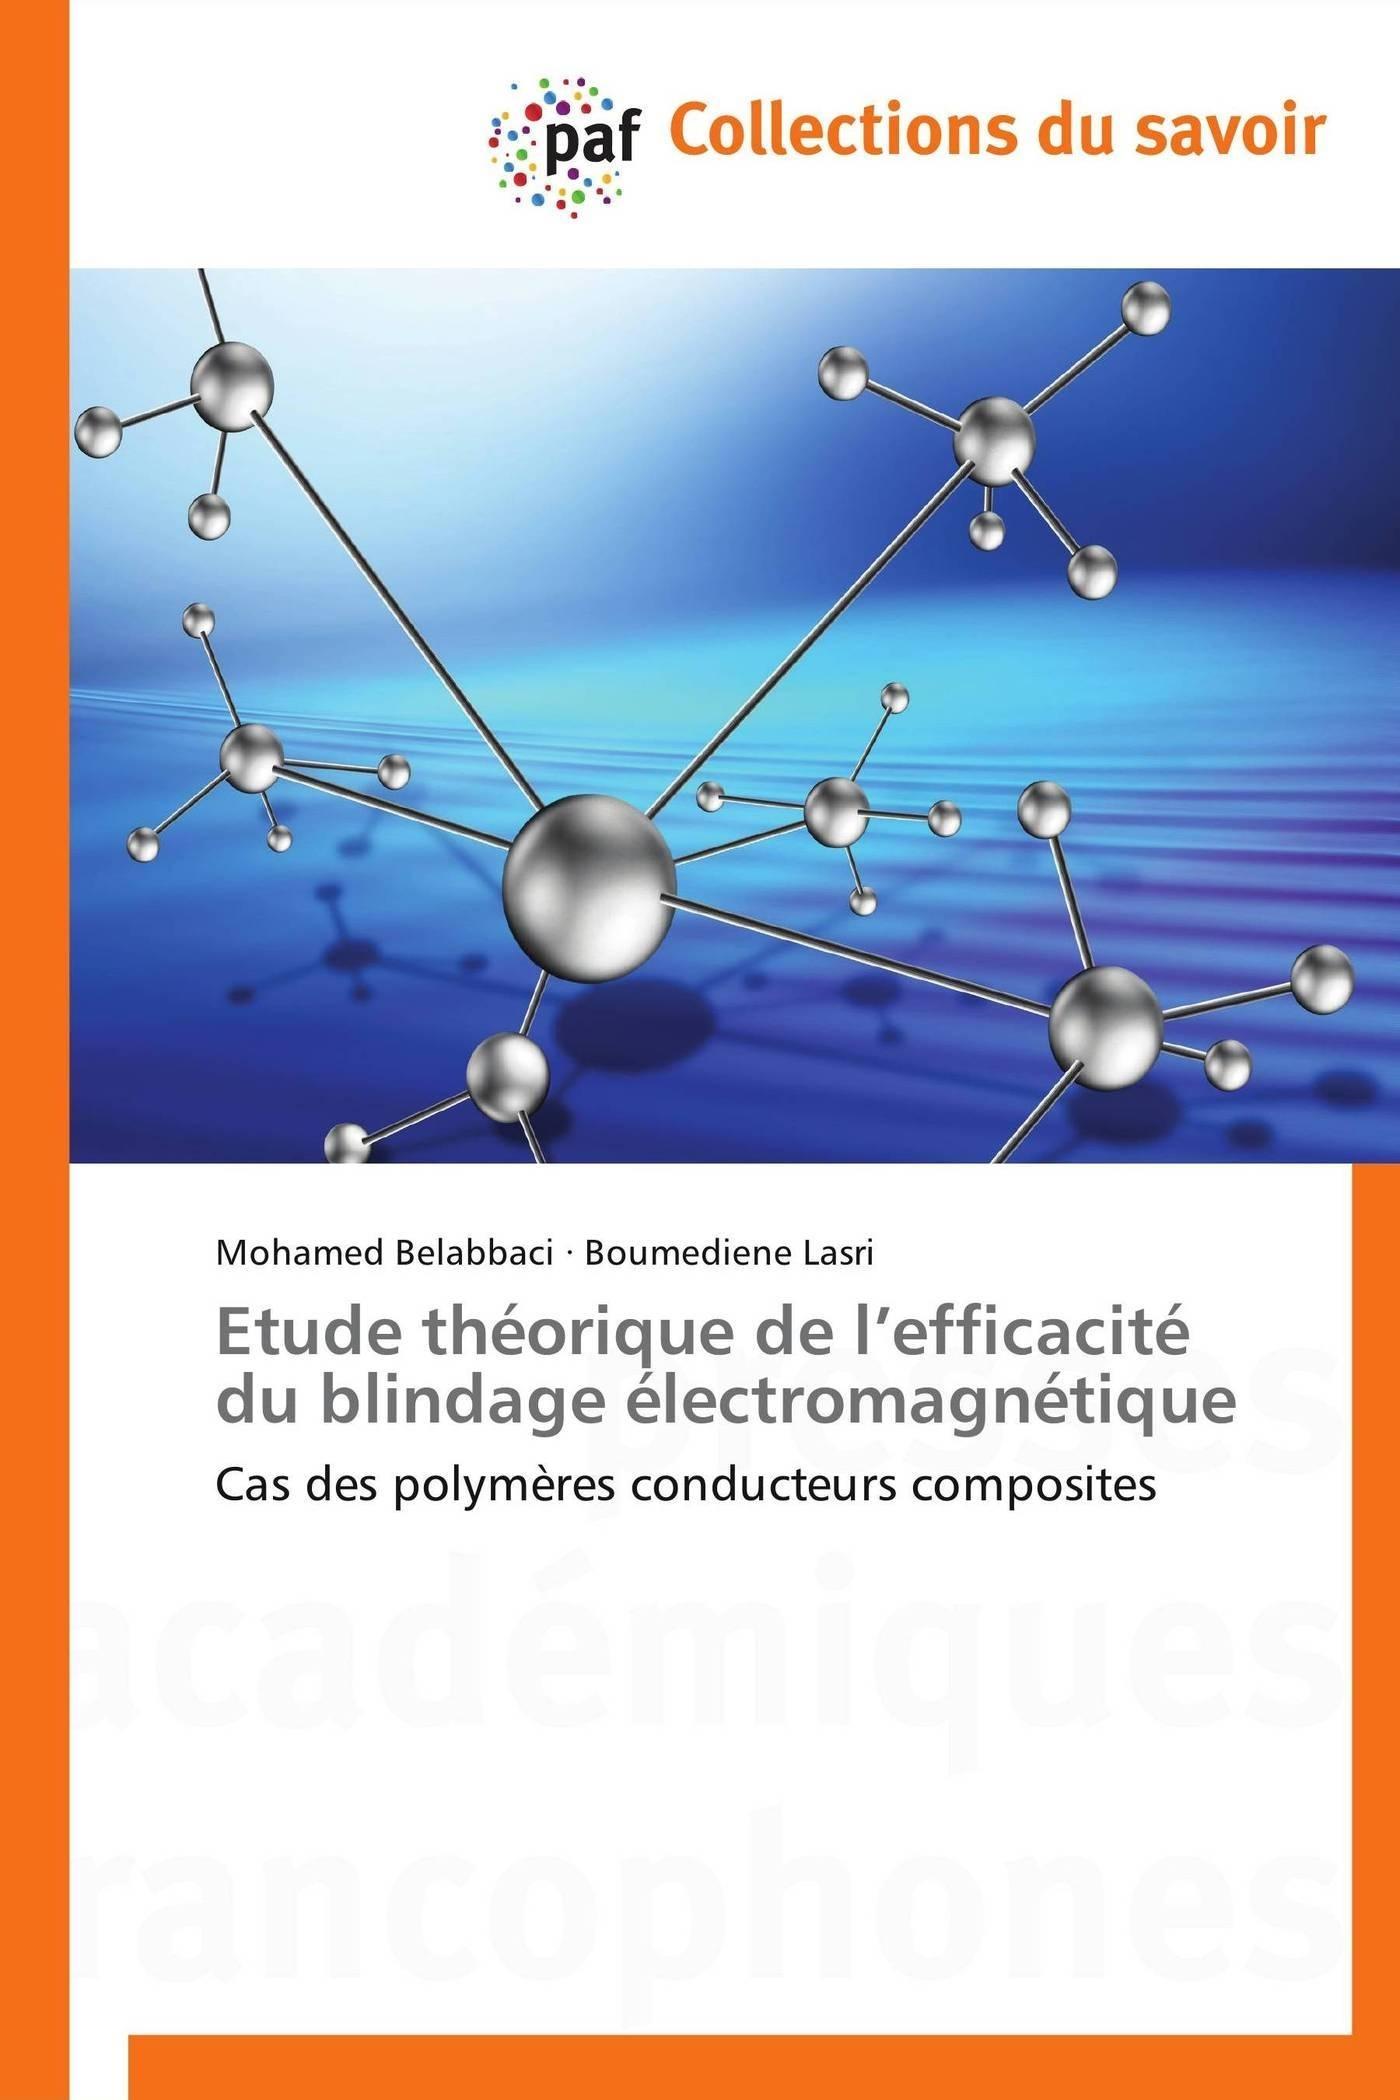 ETUDE THEORIQUE DE  L EFFICACITE DU BLINDAGE ELECTROMAGNETIQUE